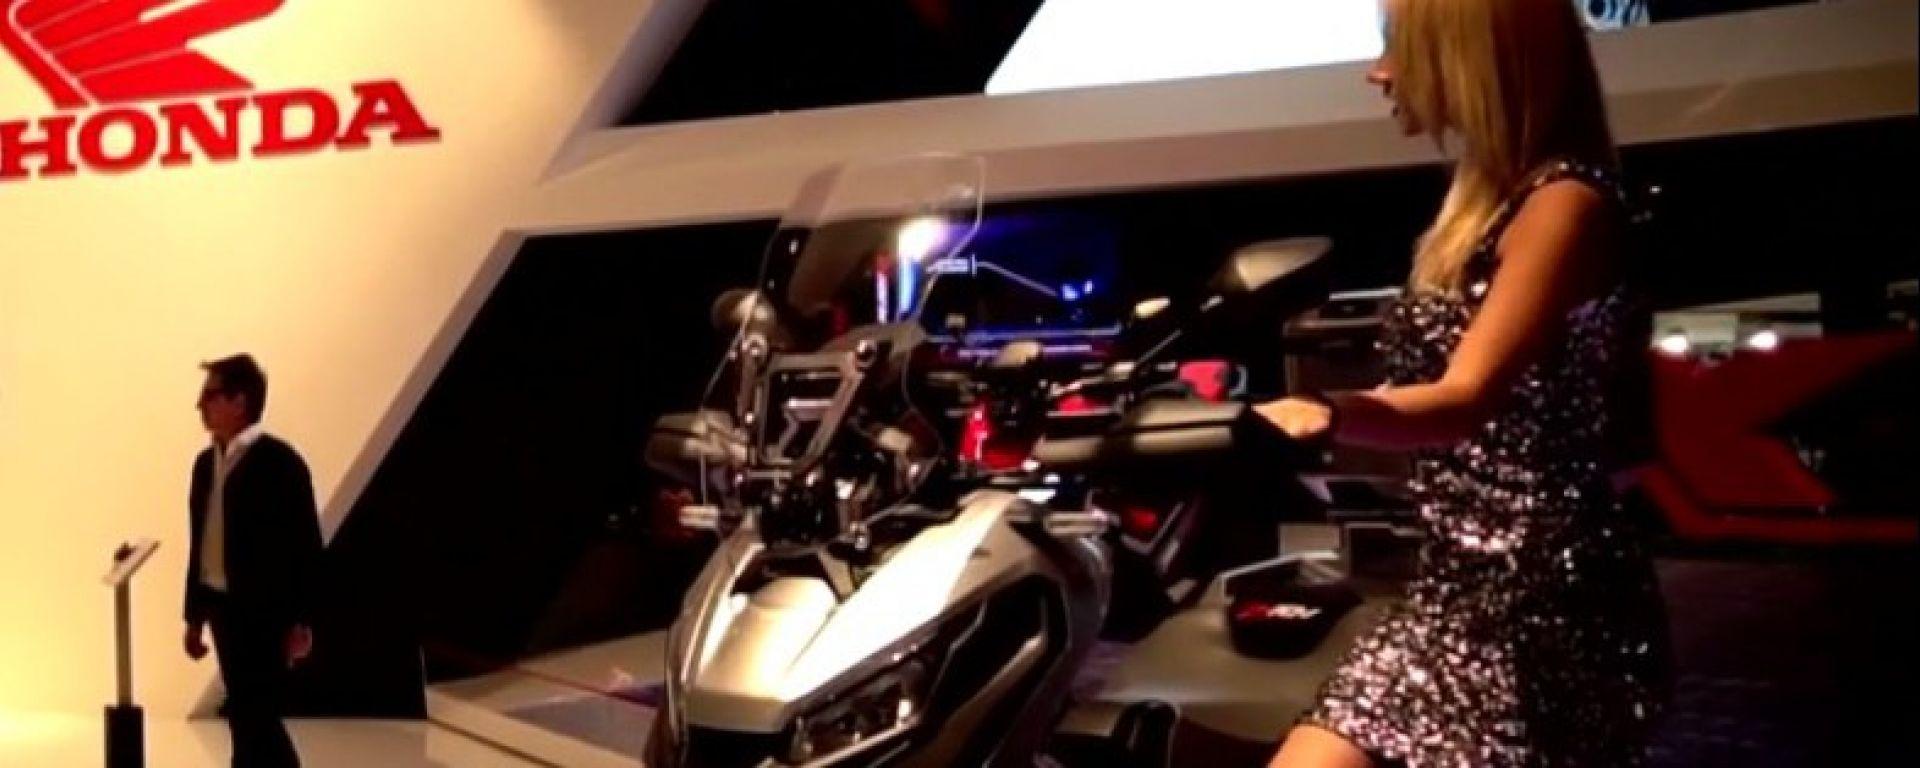 Live Eicma 2016: Honda X-ADV in video